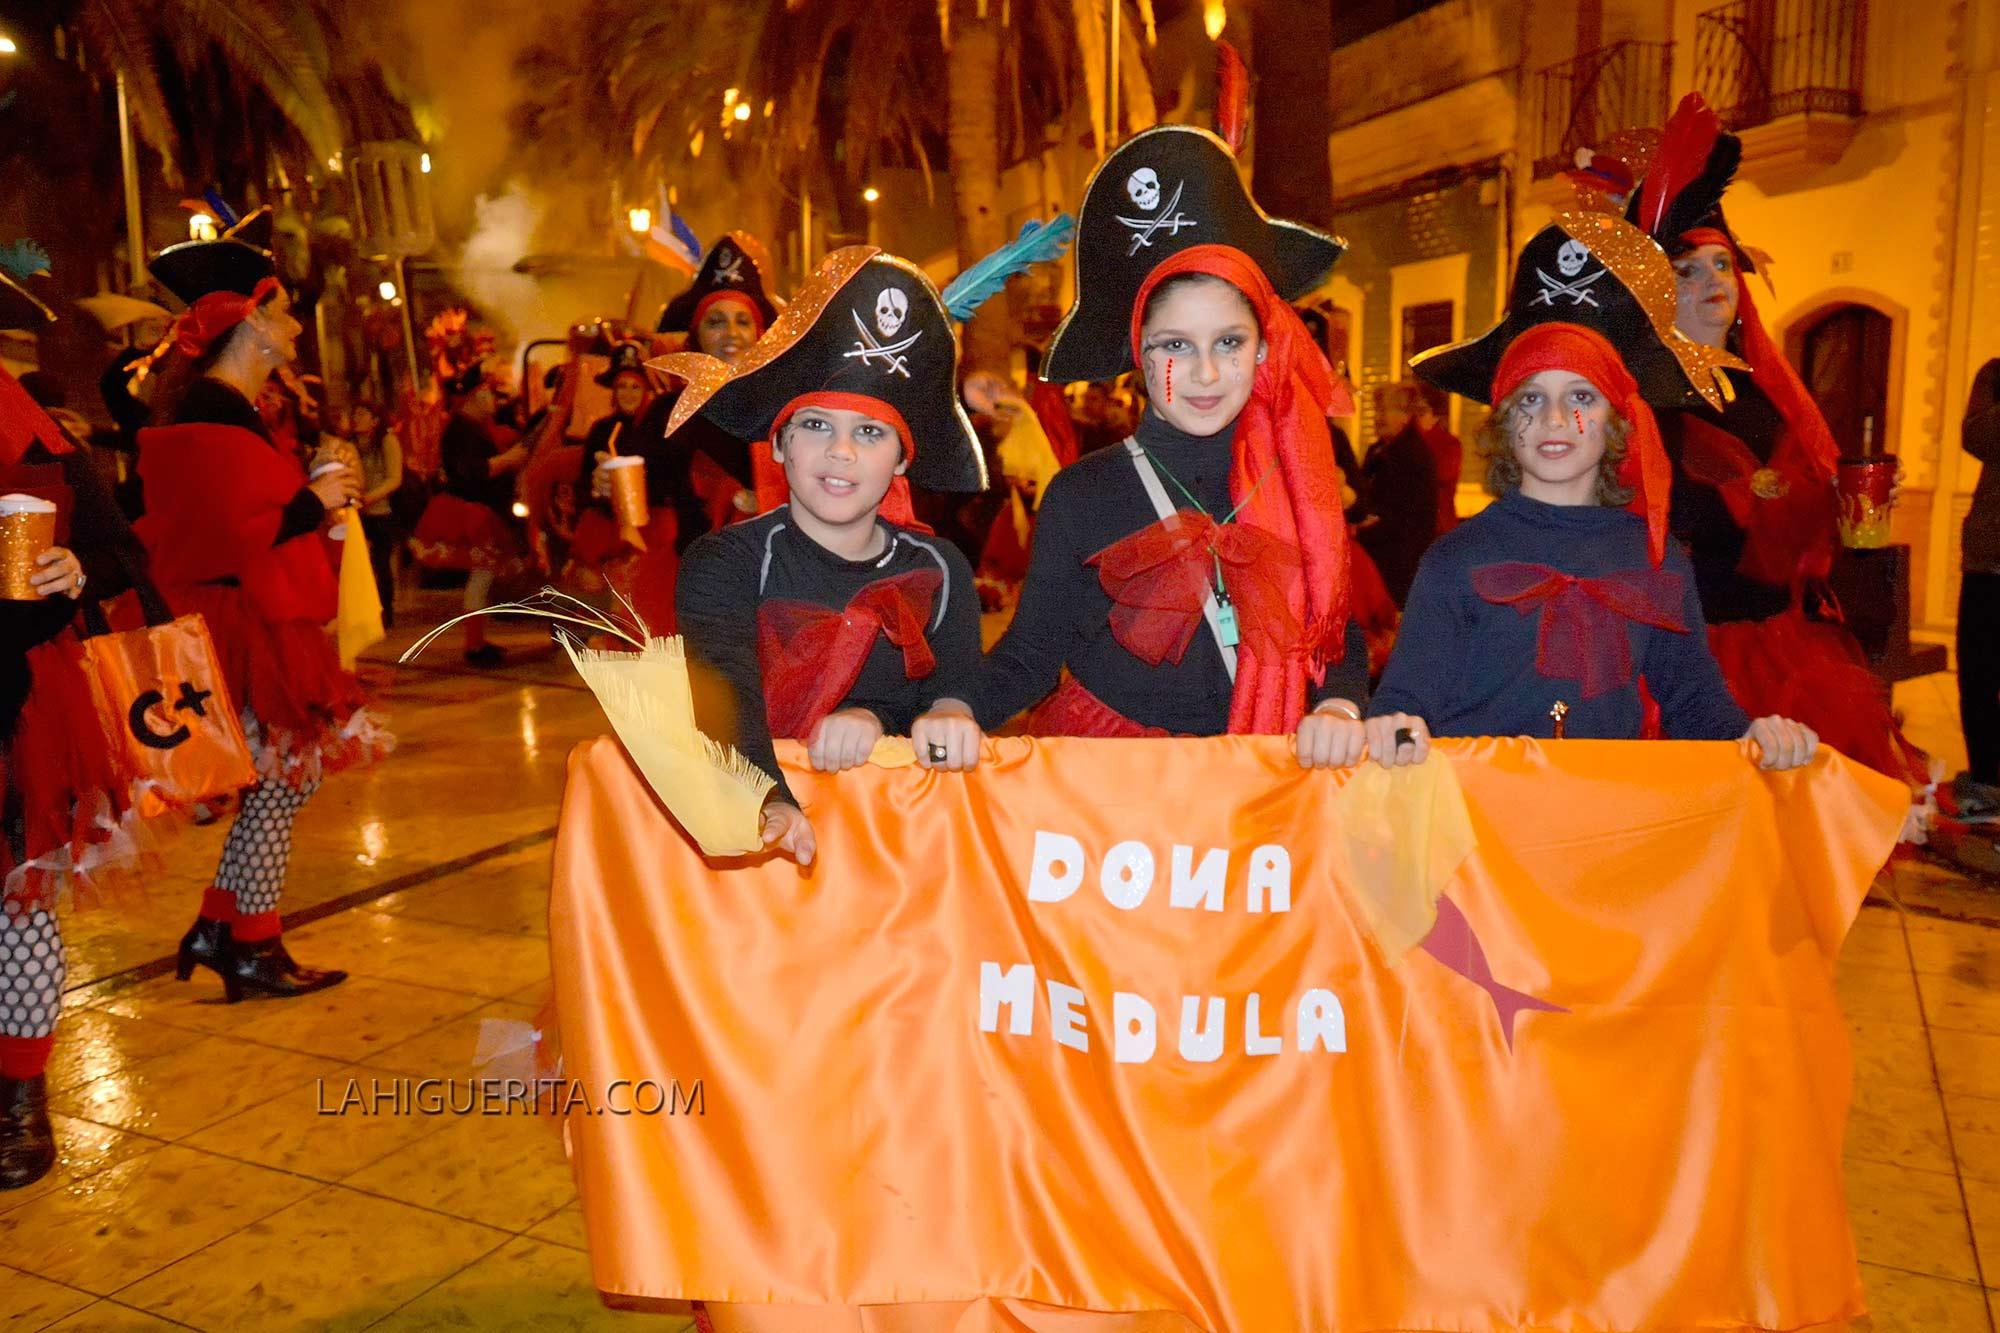 Entierro de la sardina carnaval isla cristina _DSC2246